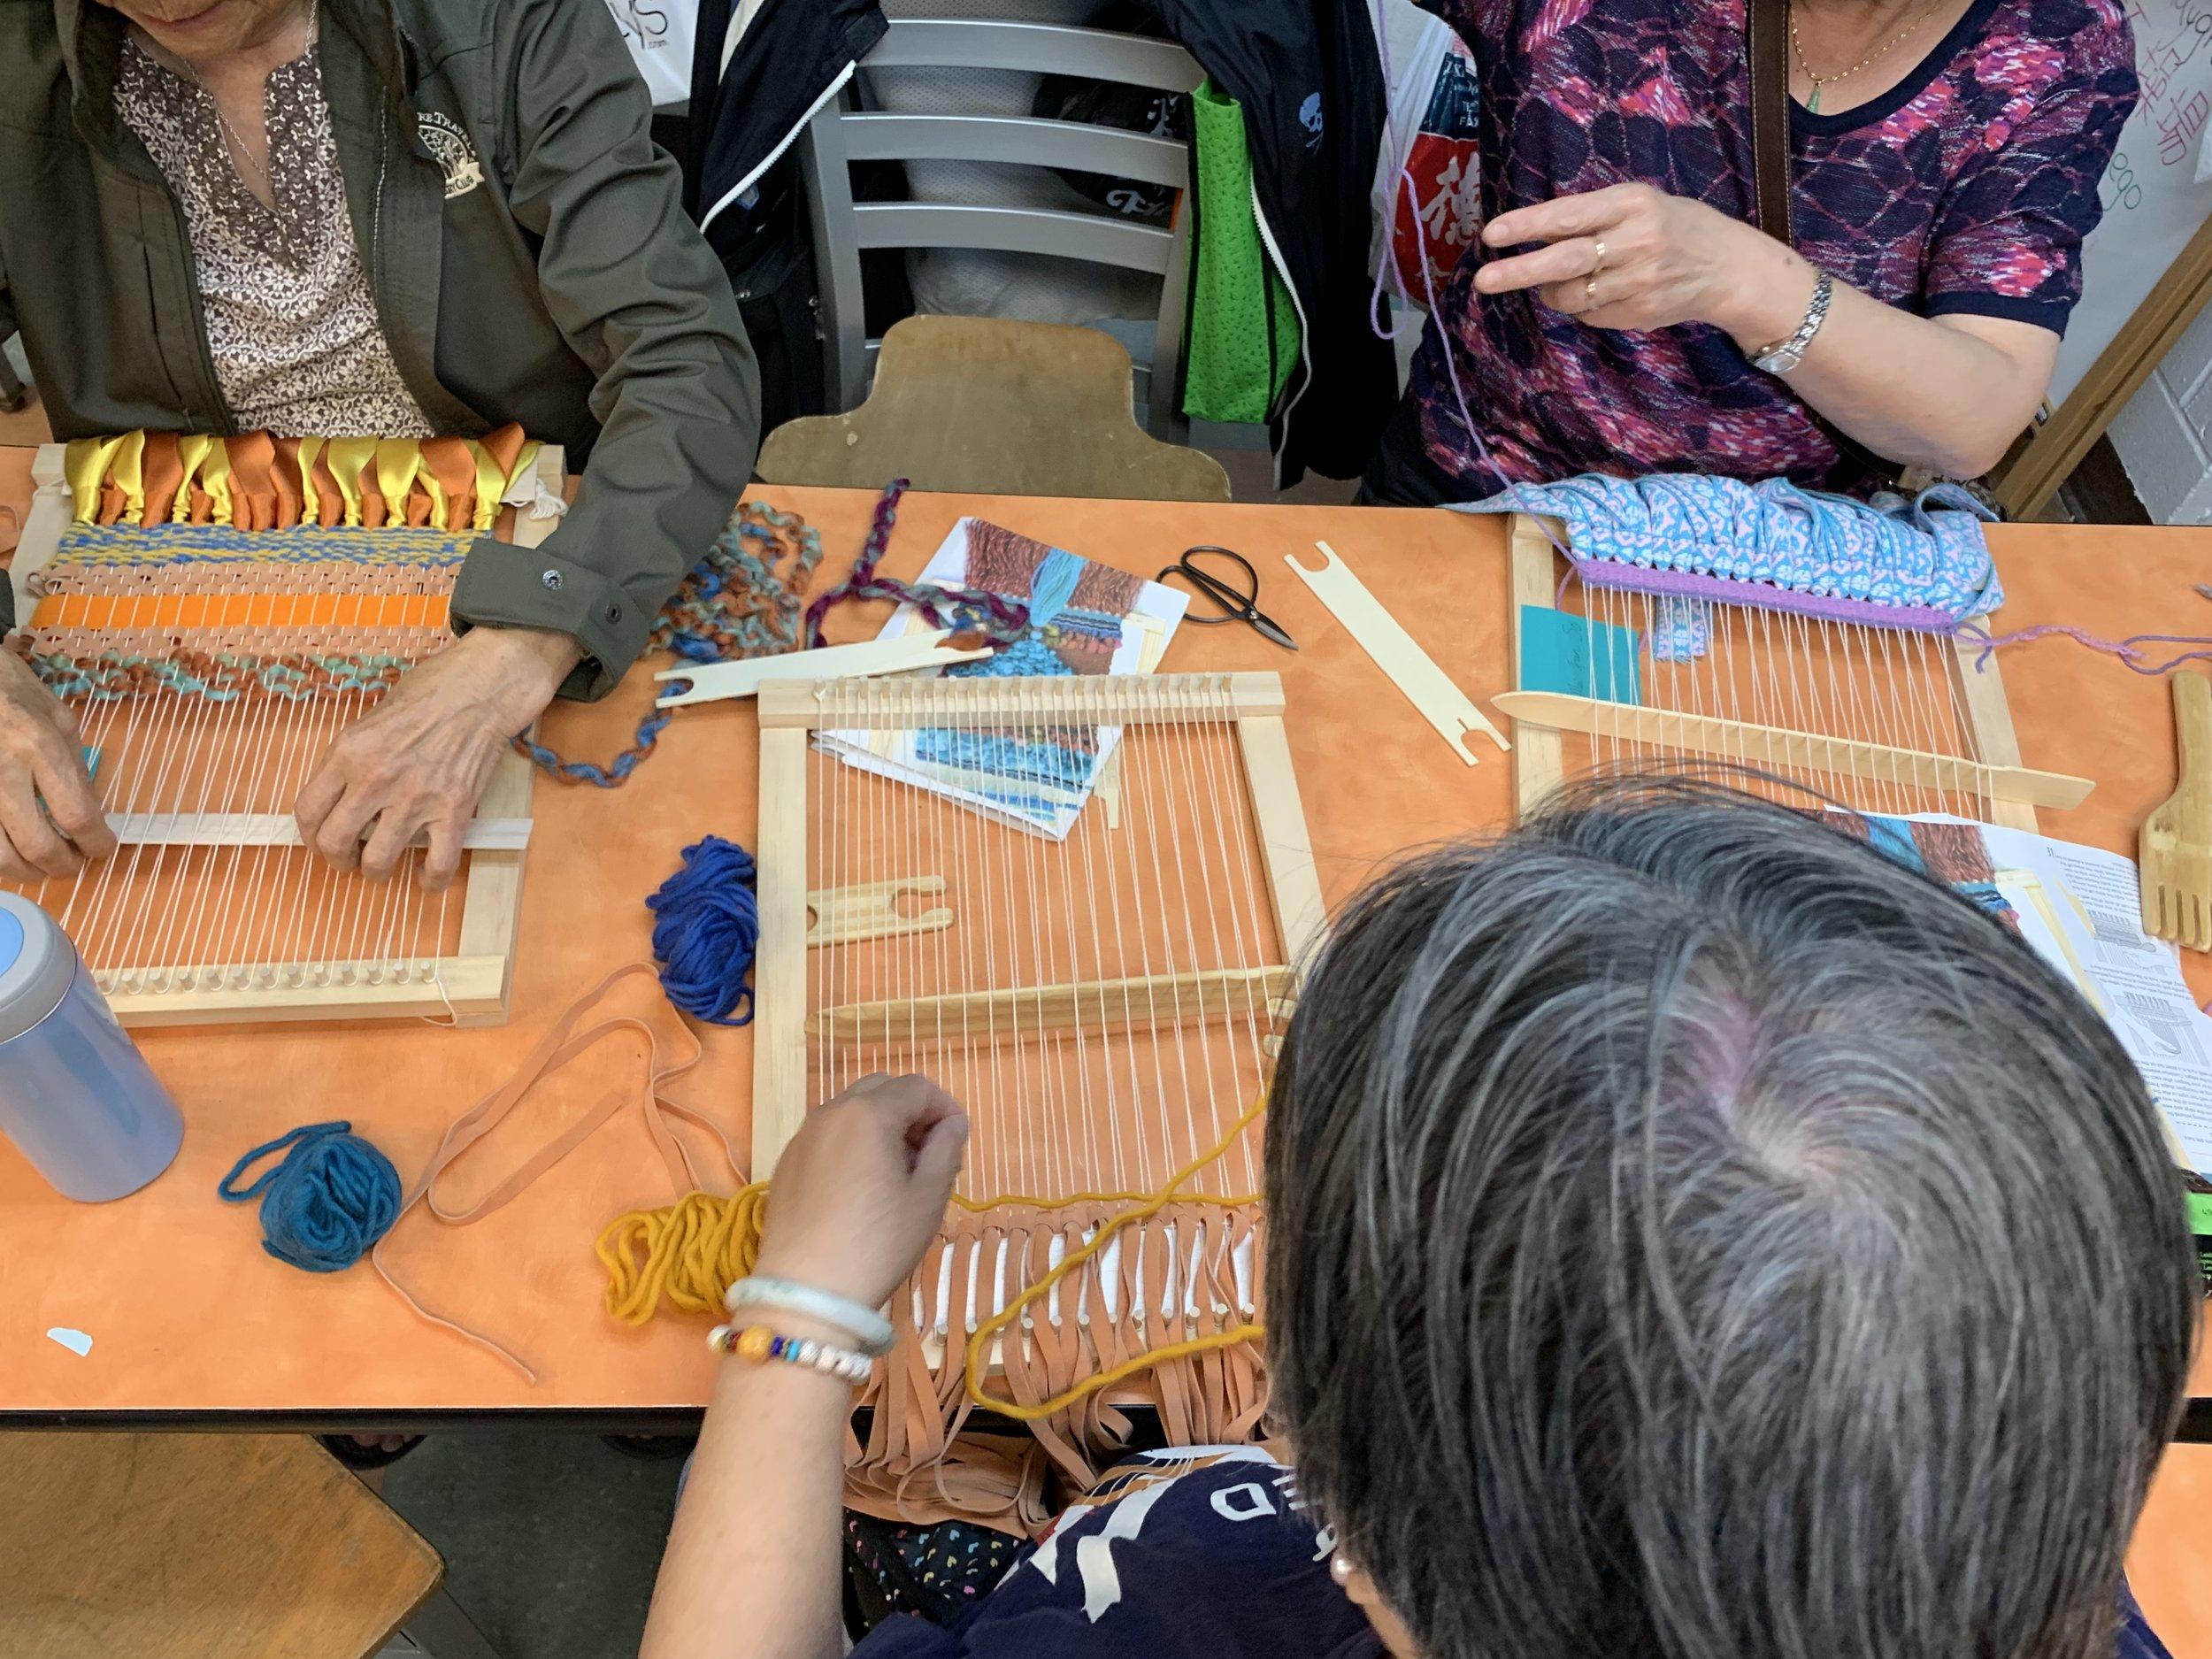 su-casa-nyc-weaving-creative-aging.jpg